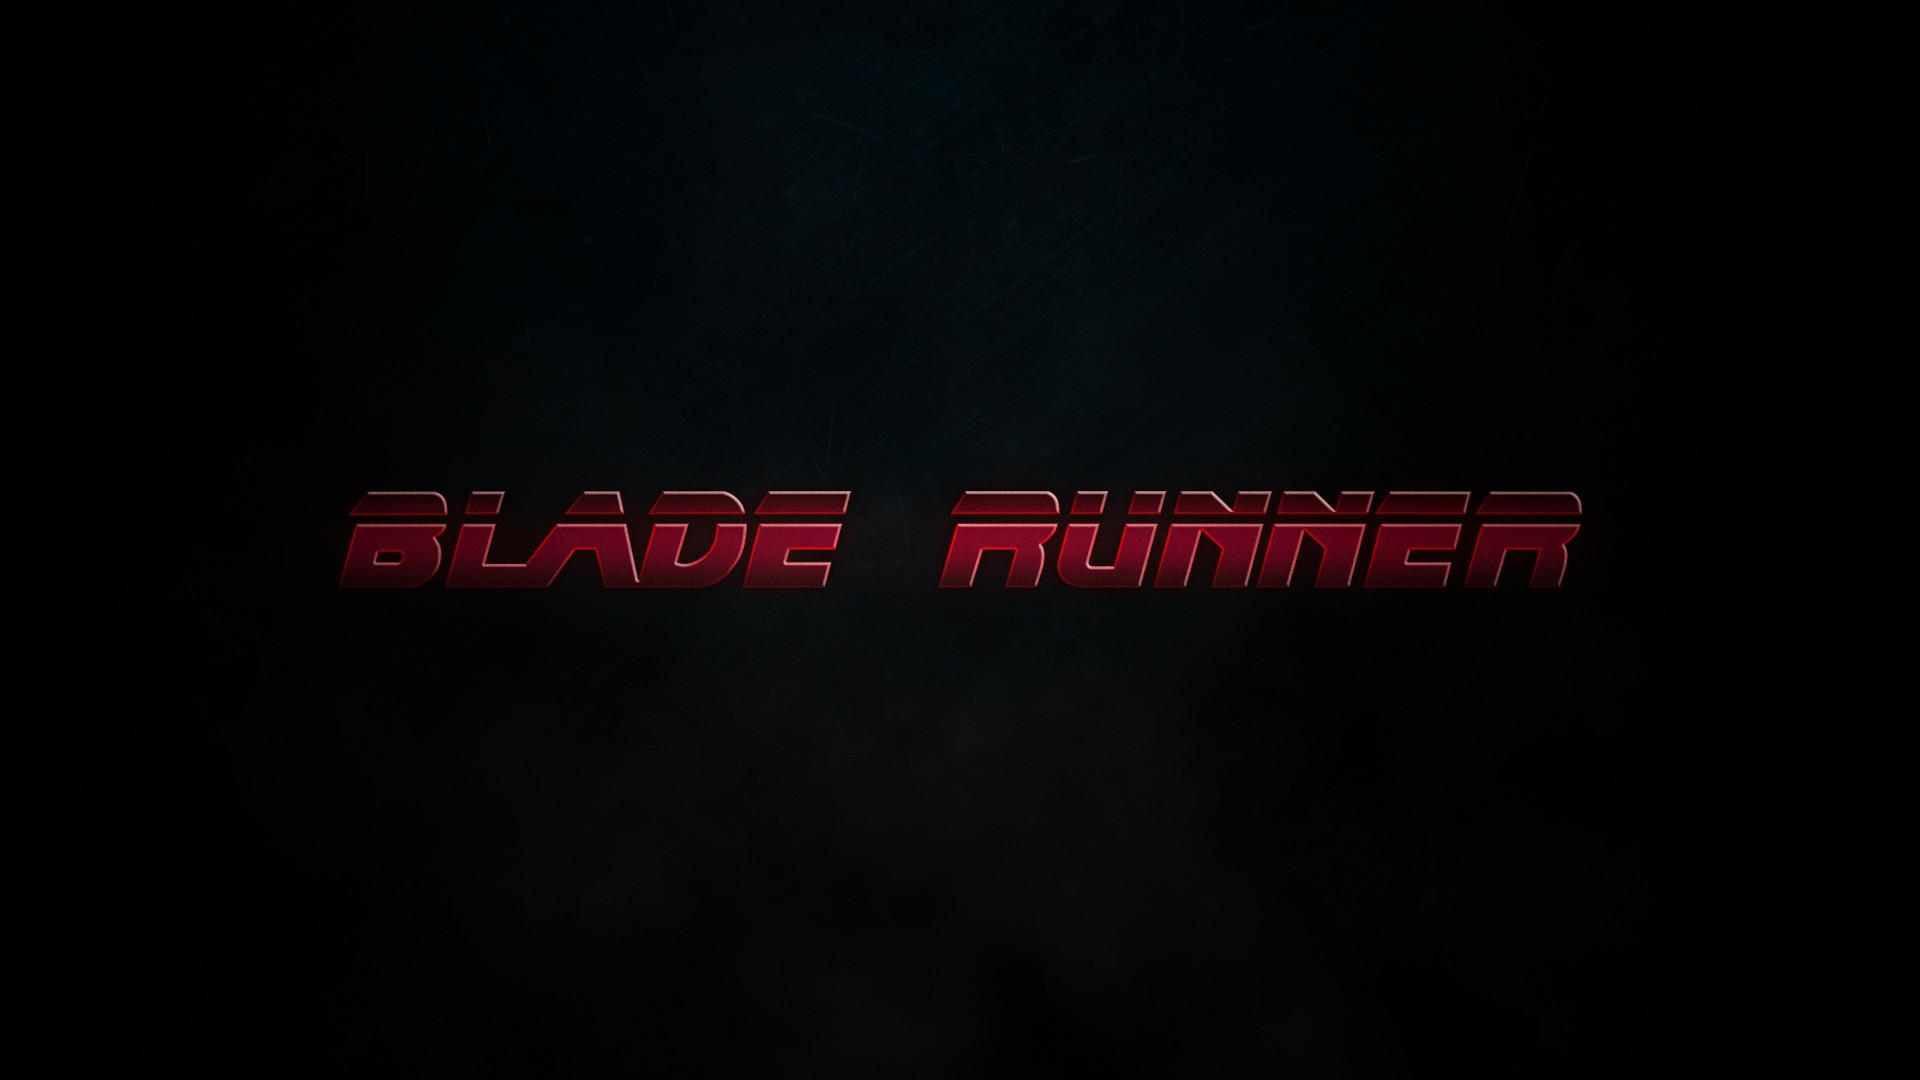 Blade runner 2049 desktop wallpapers